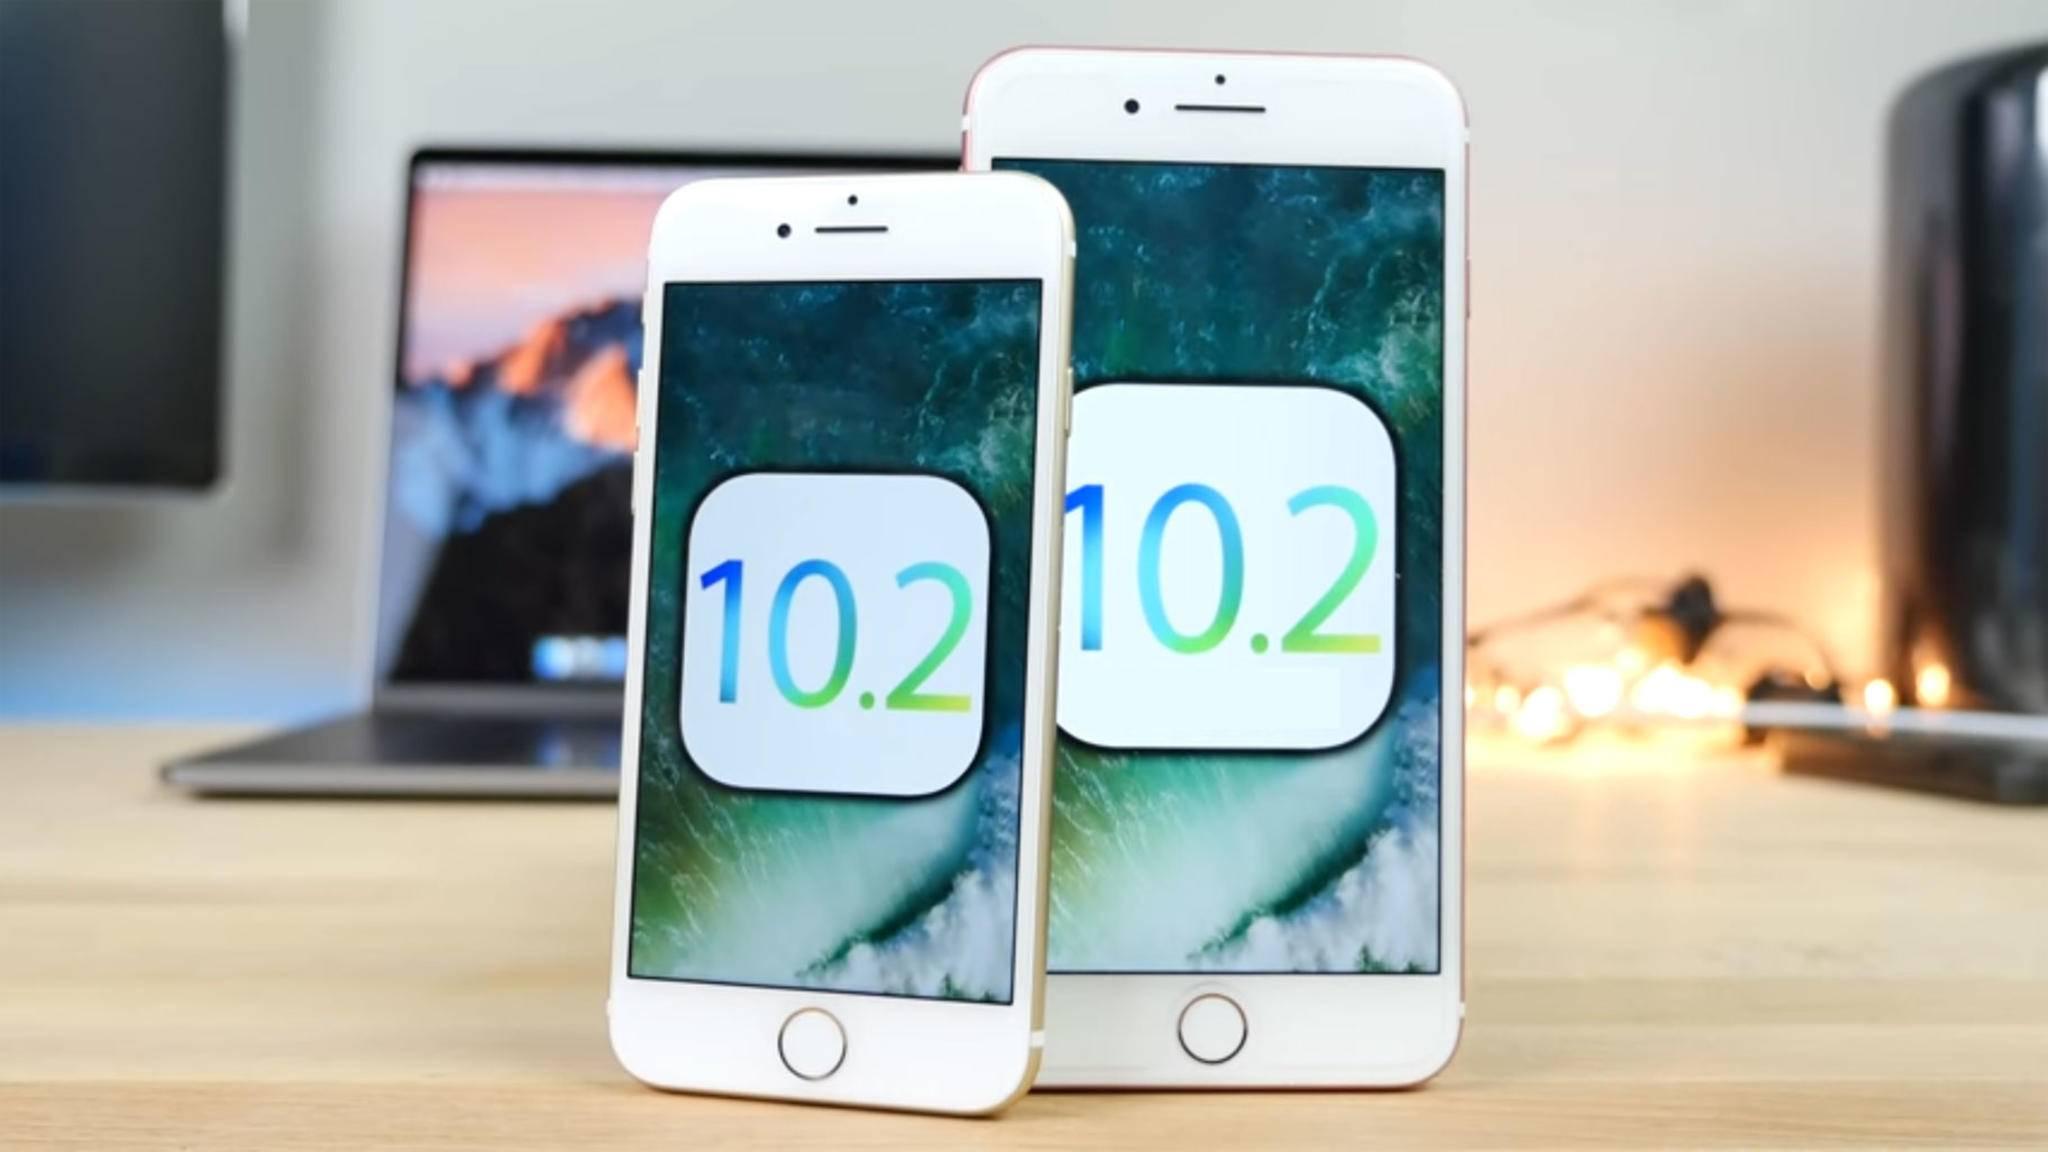 Nächste Woche soll iOS 10.2 kommen – mit einem Diagnose-Tool für die Akkuprobleme.